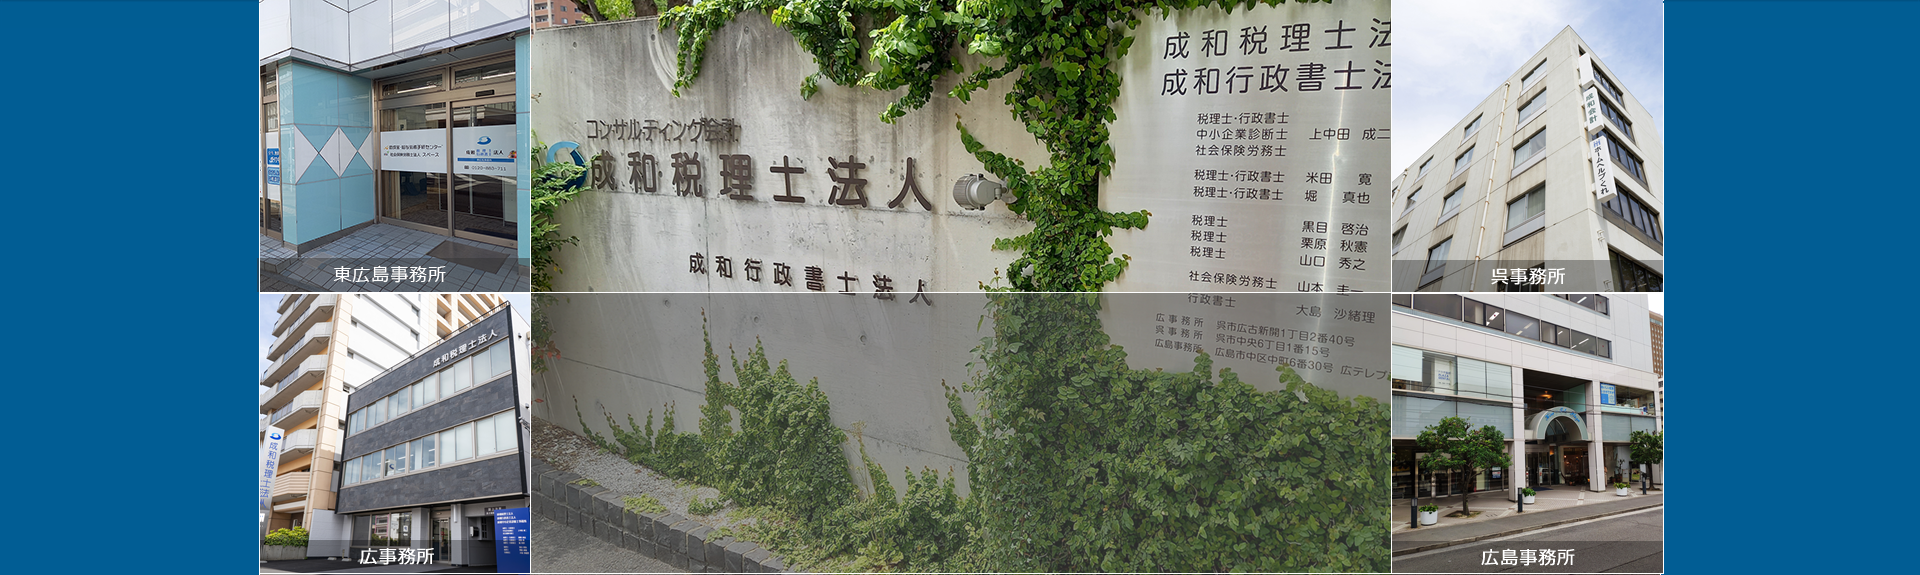 広島県内の経営者・資産家の様々なこまったを解決することが使命。